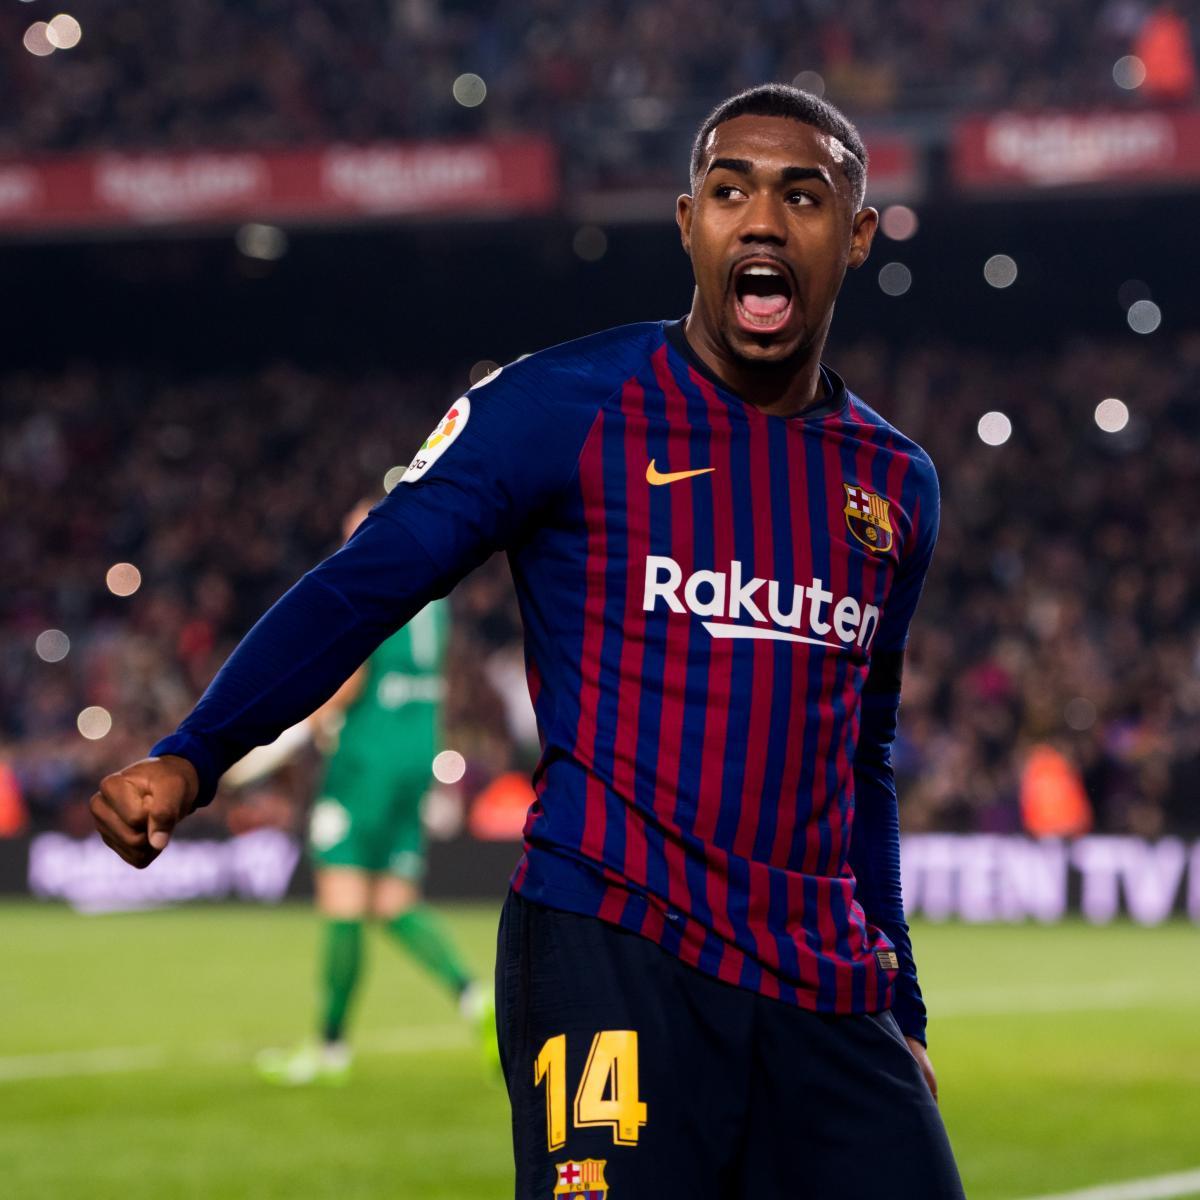 Champions League 2019 Round Of 16 Leg 2 Live Stream Tv: Levante Vs. Barcelona: Copa Del Rey Leg 1 Live Stream